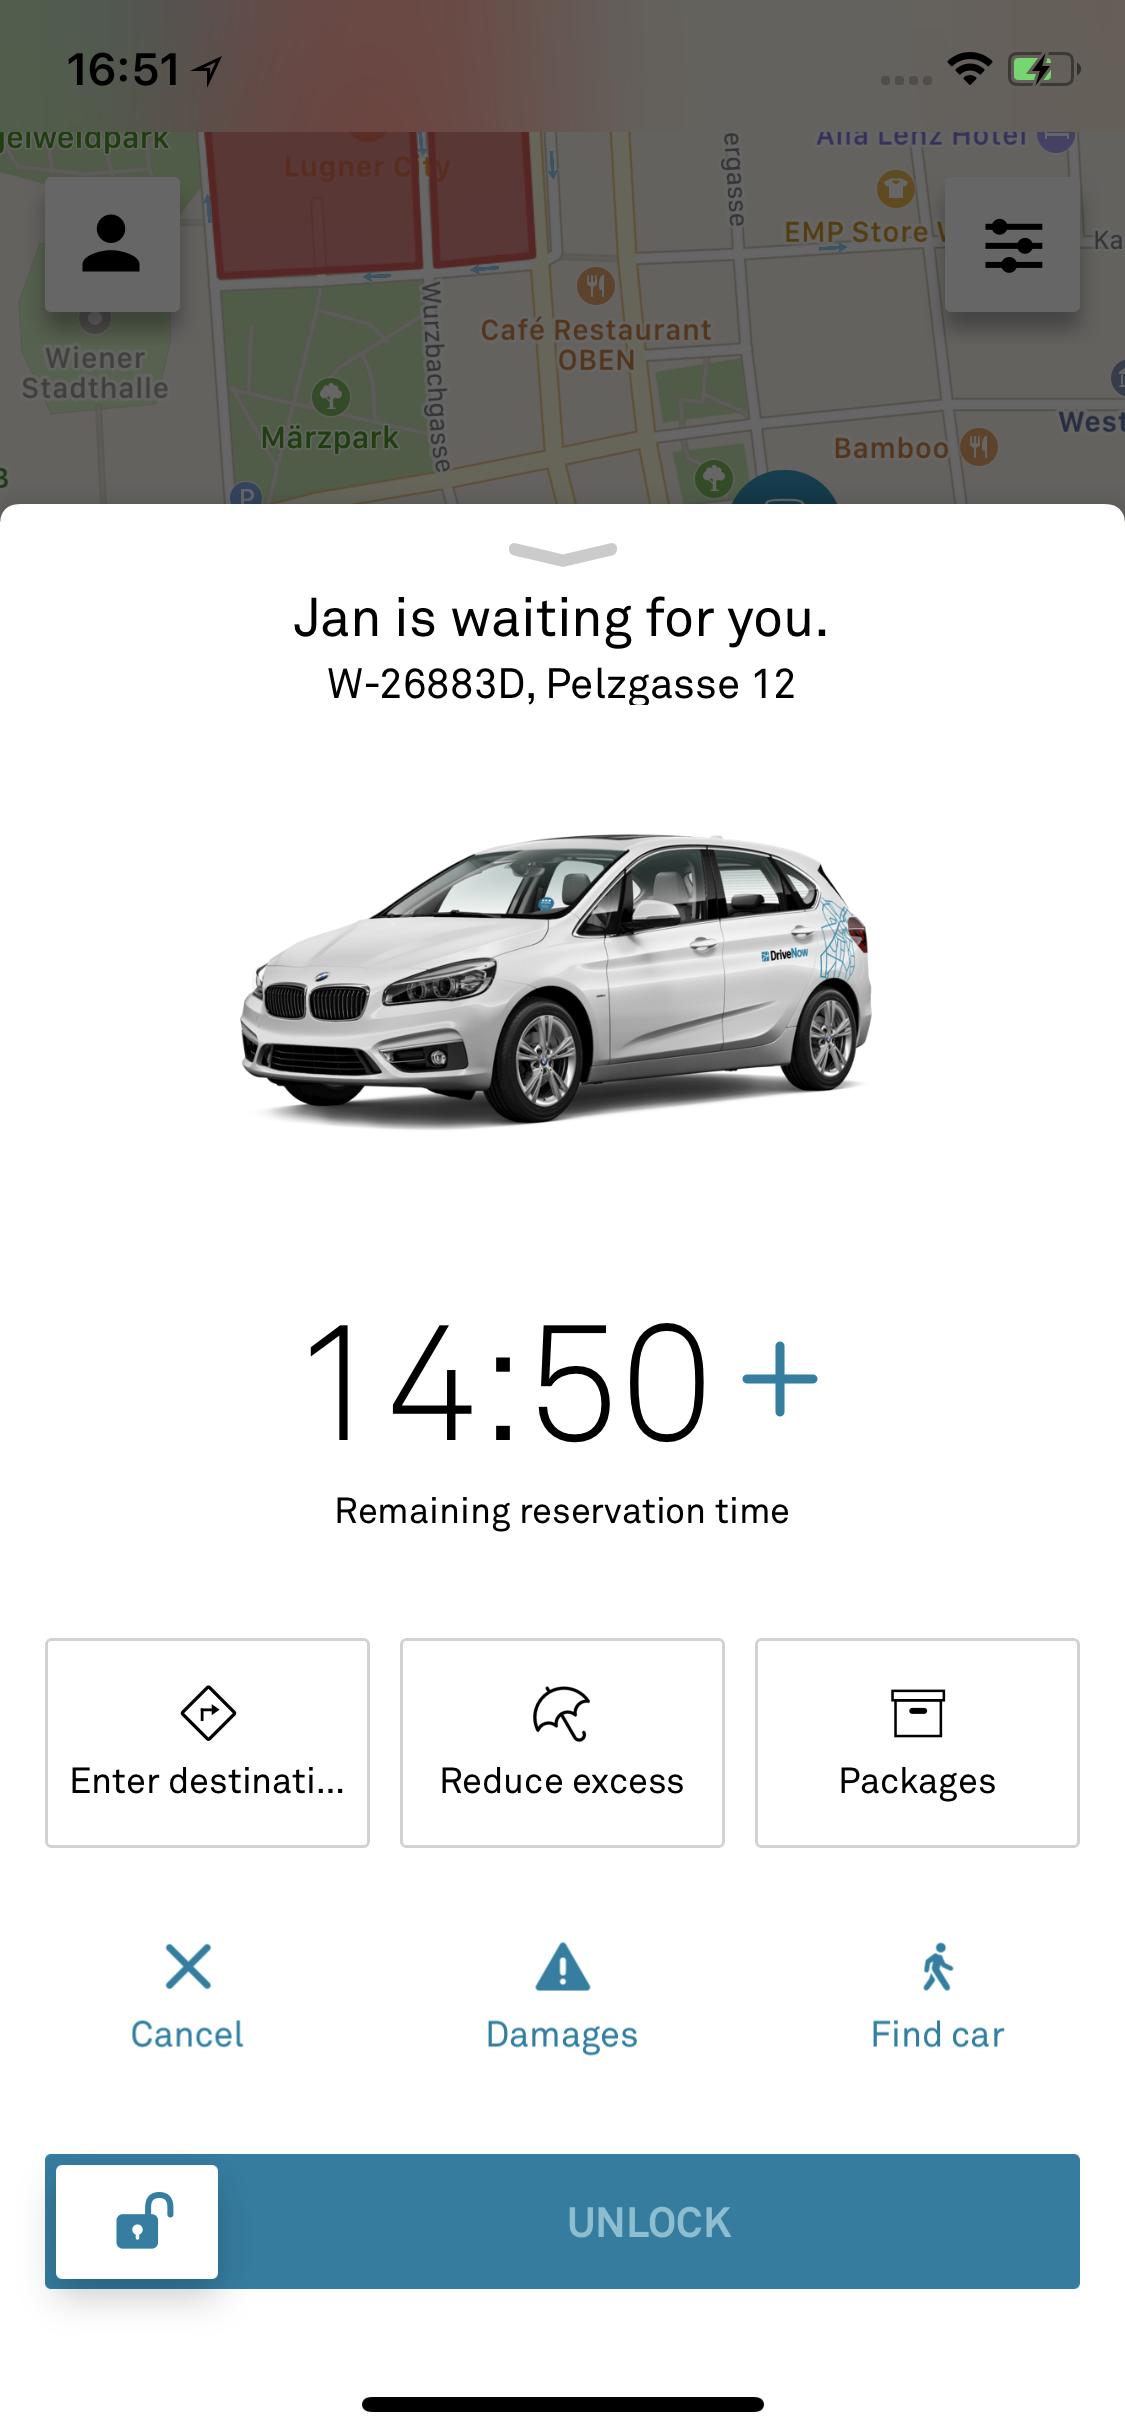 AT_carsharing_tips-tricks_plan-trip